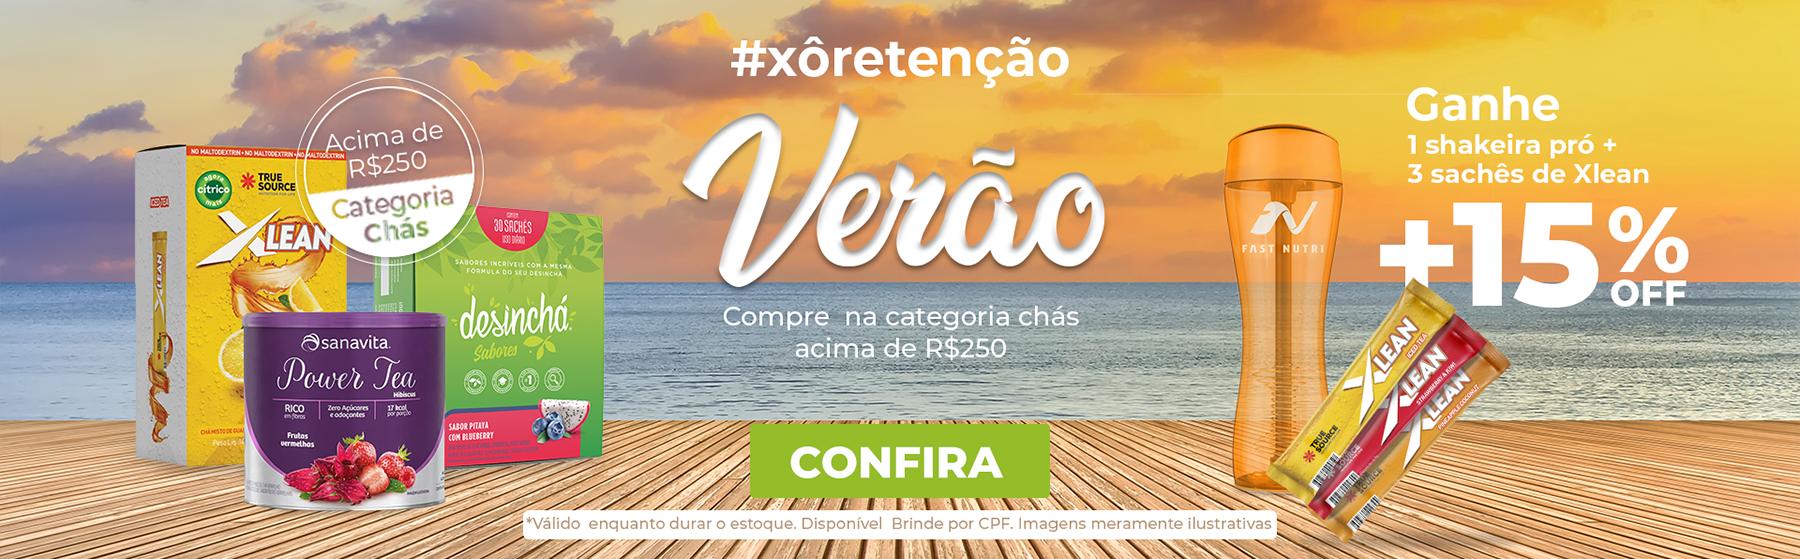 Banner_projeto verao